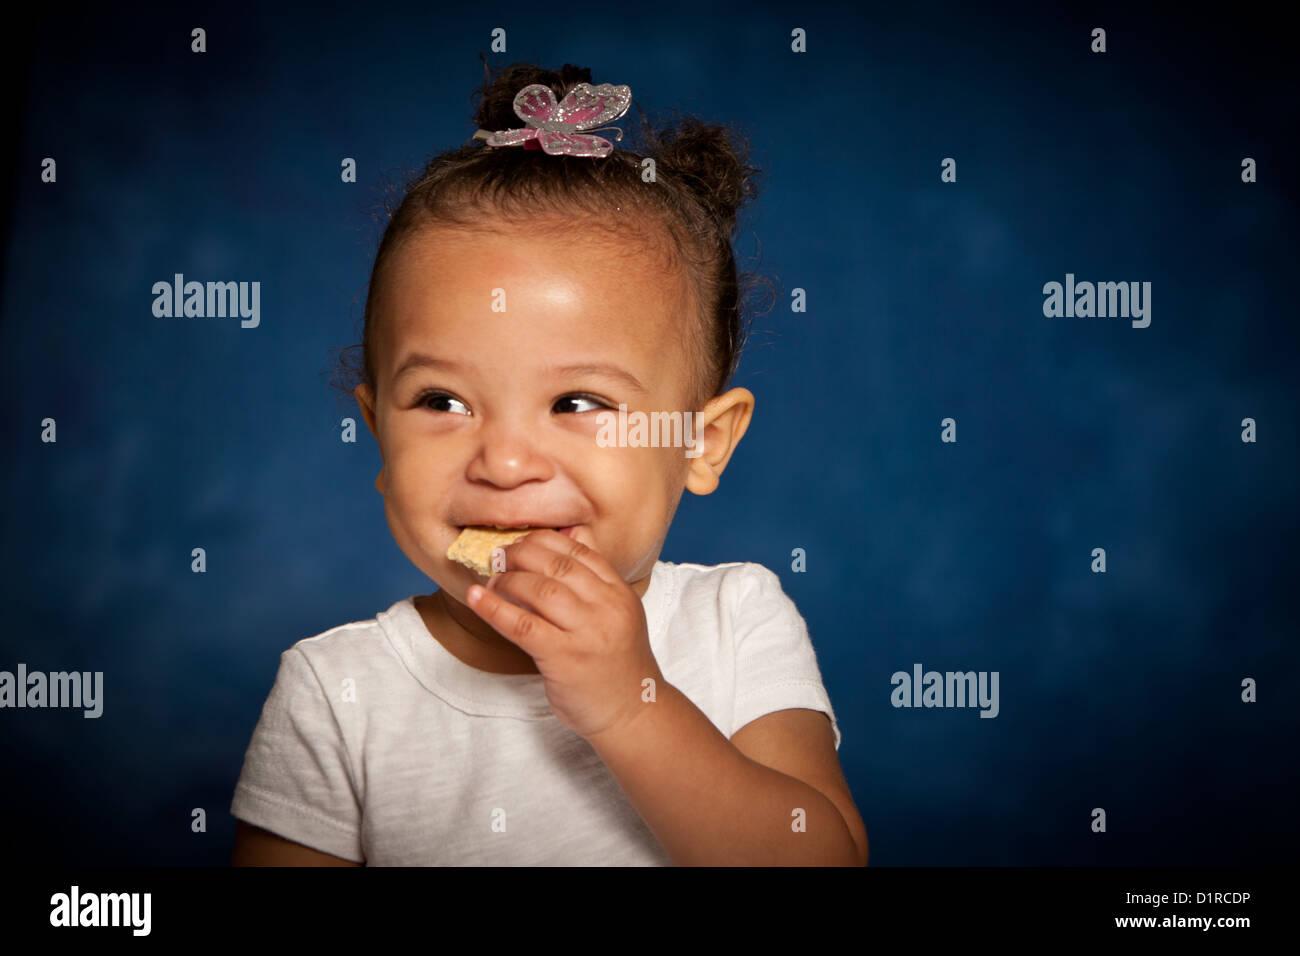 Lindo retrato de estudio de una raza mixta infante Muchacha comiendo una galleta con una pícara sonrisa en Imagen De Stock